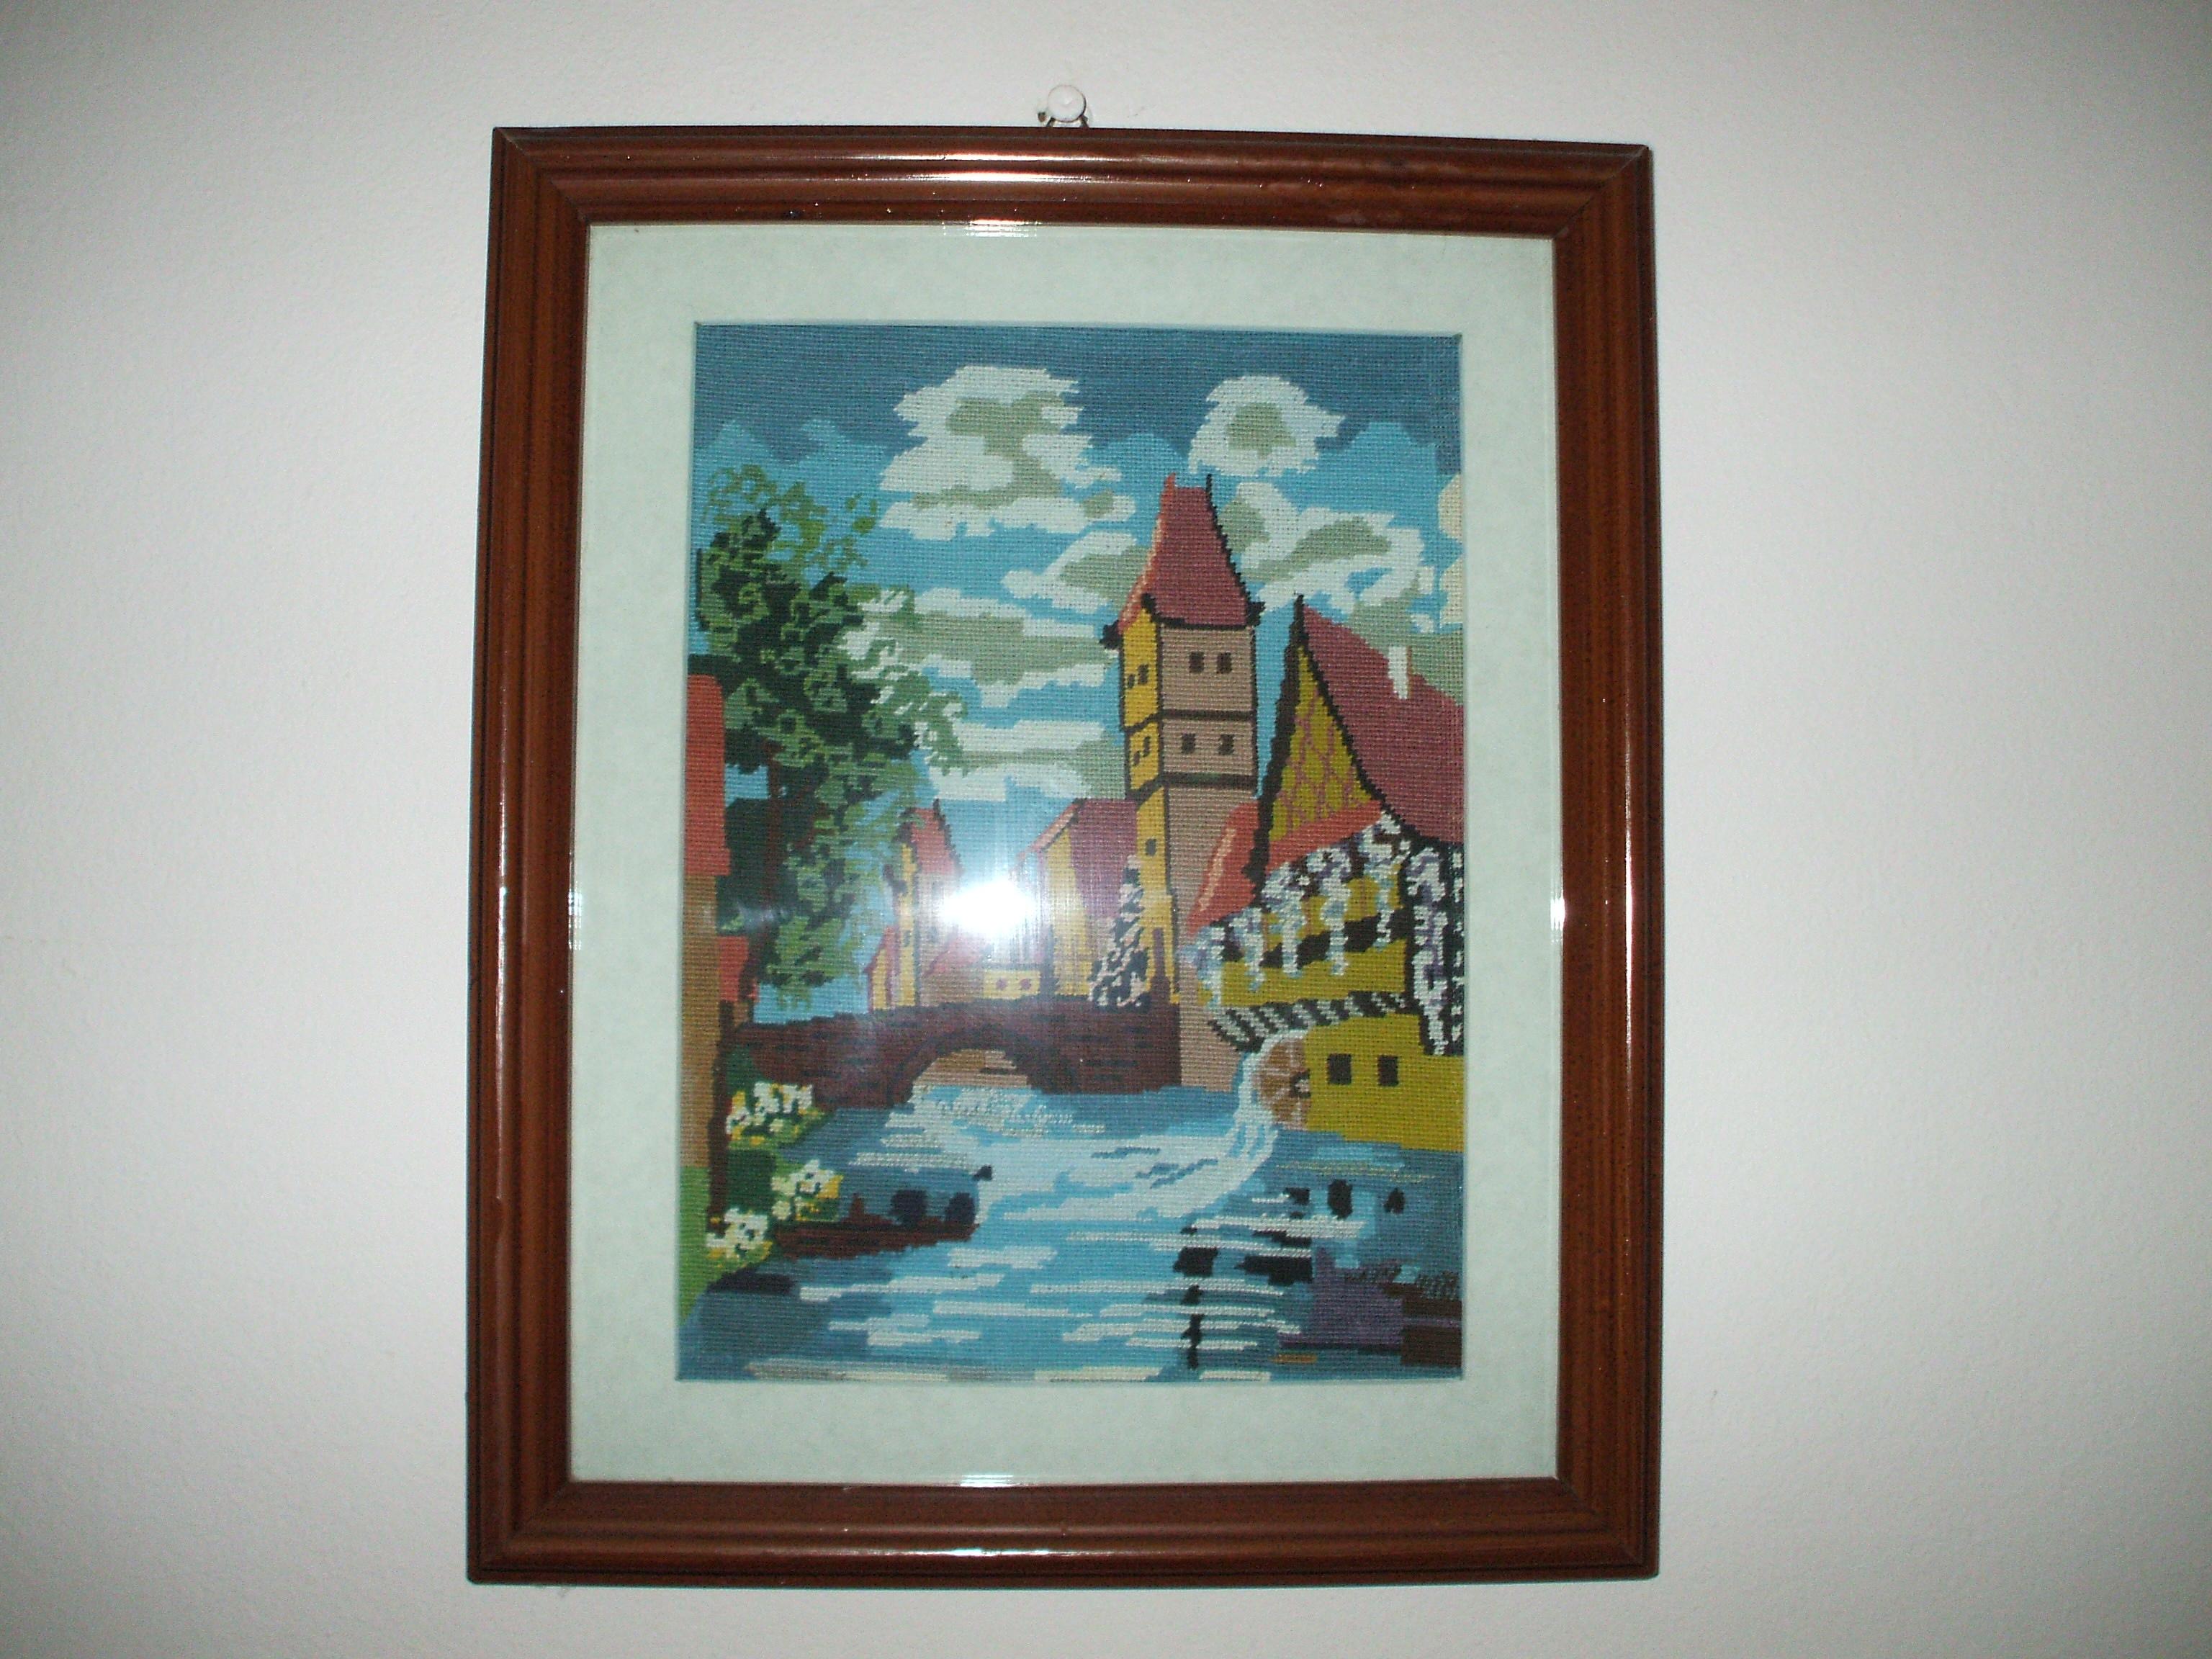 ioanaviorela-goblen galerie 12291549